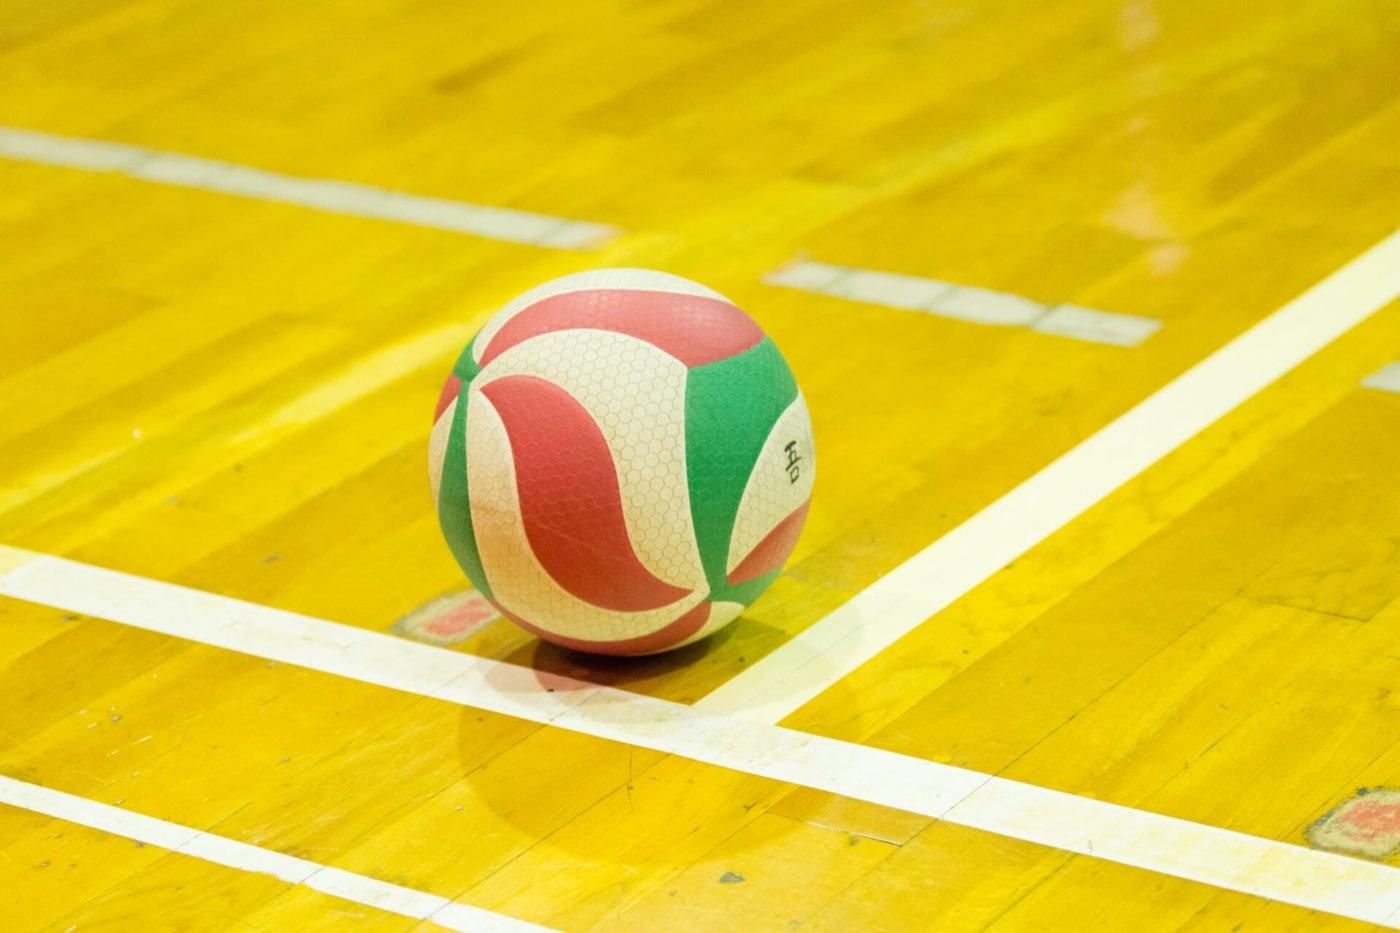 バレーボールに使われるボールについて詳しく知ろう!